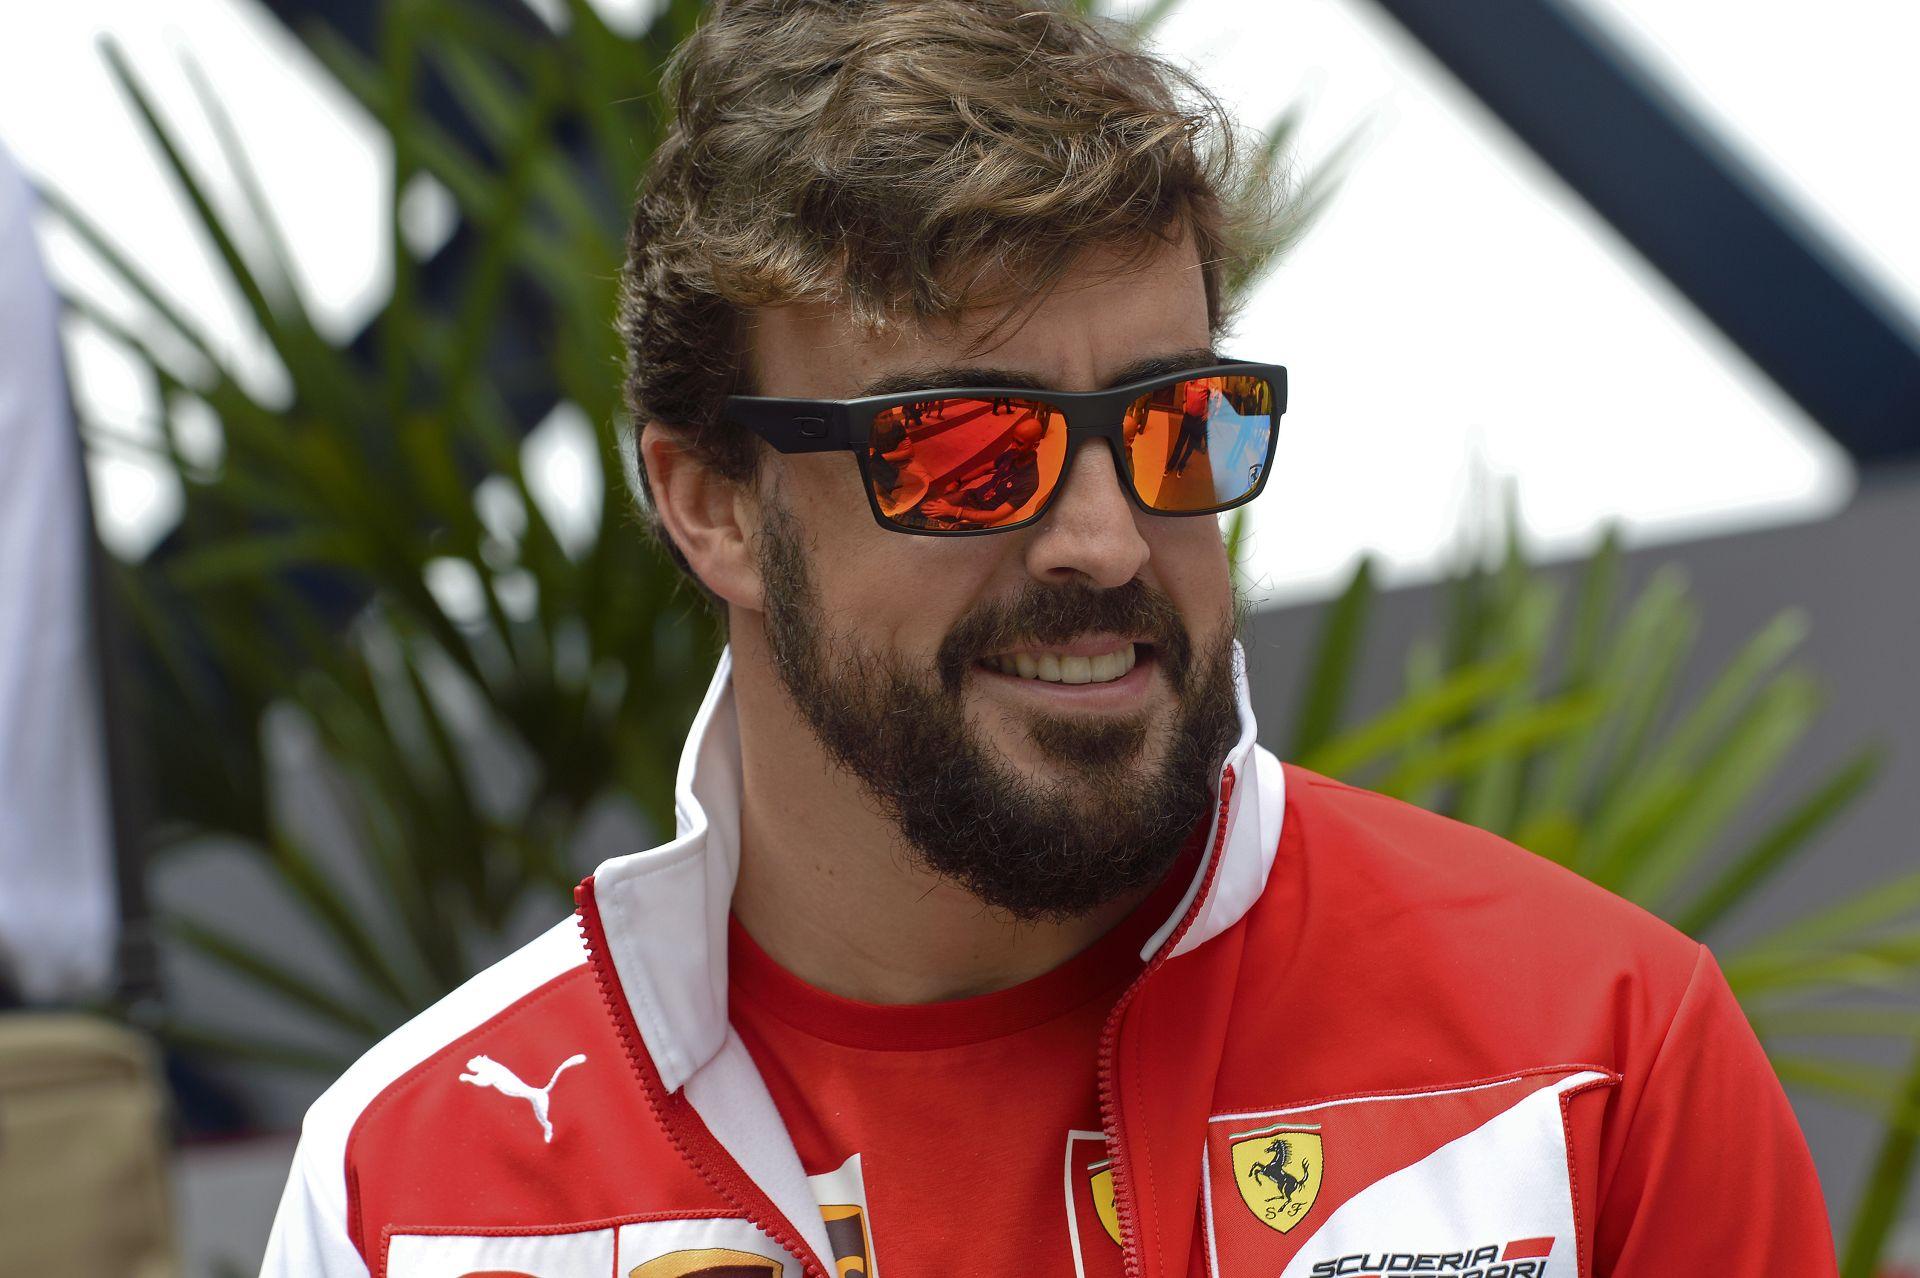 Alonso: Egyik pillanatban a Lotus versenyzője vagyok, majd megveszem a Marussiát 1 euróért